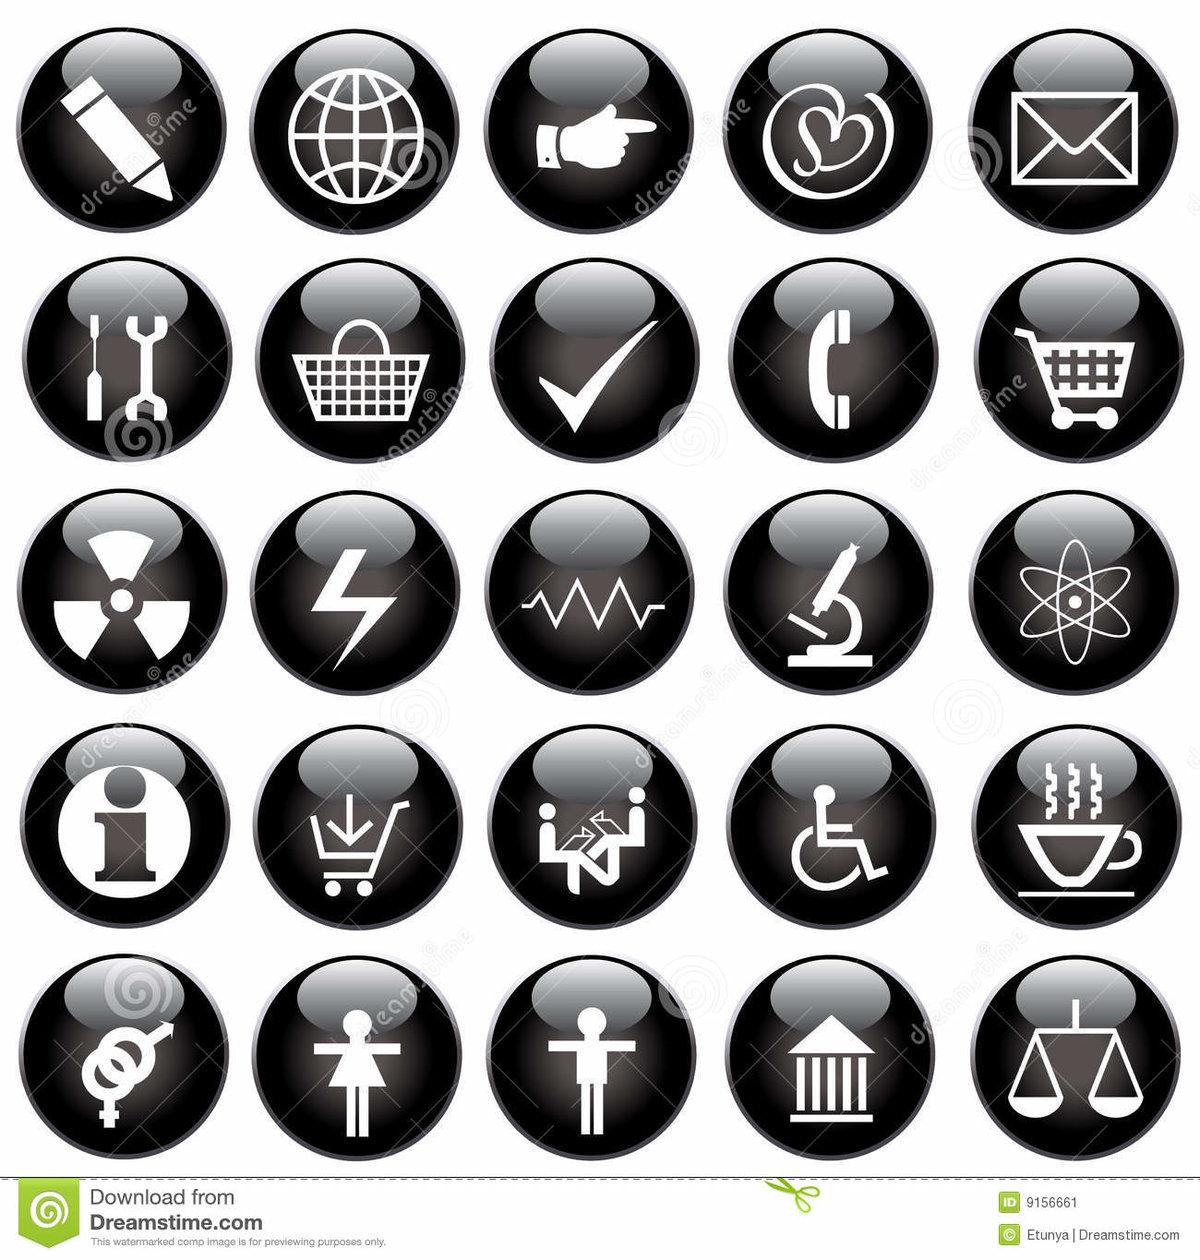 Сайты картинок векторных